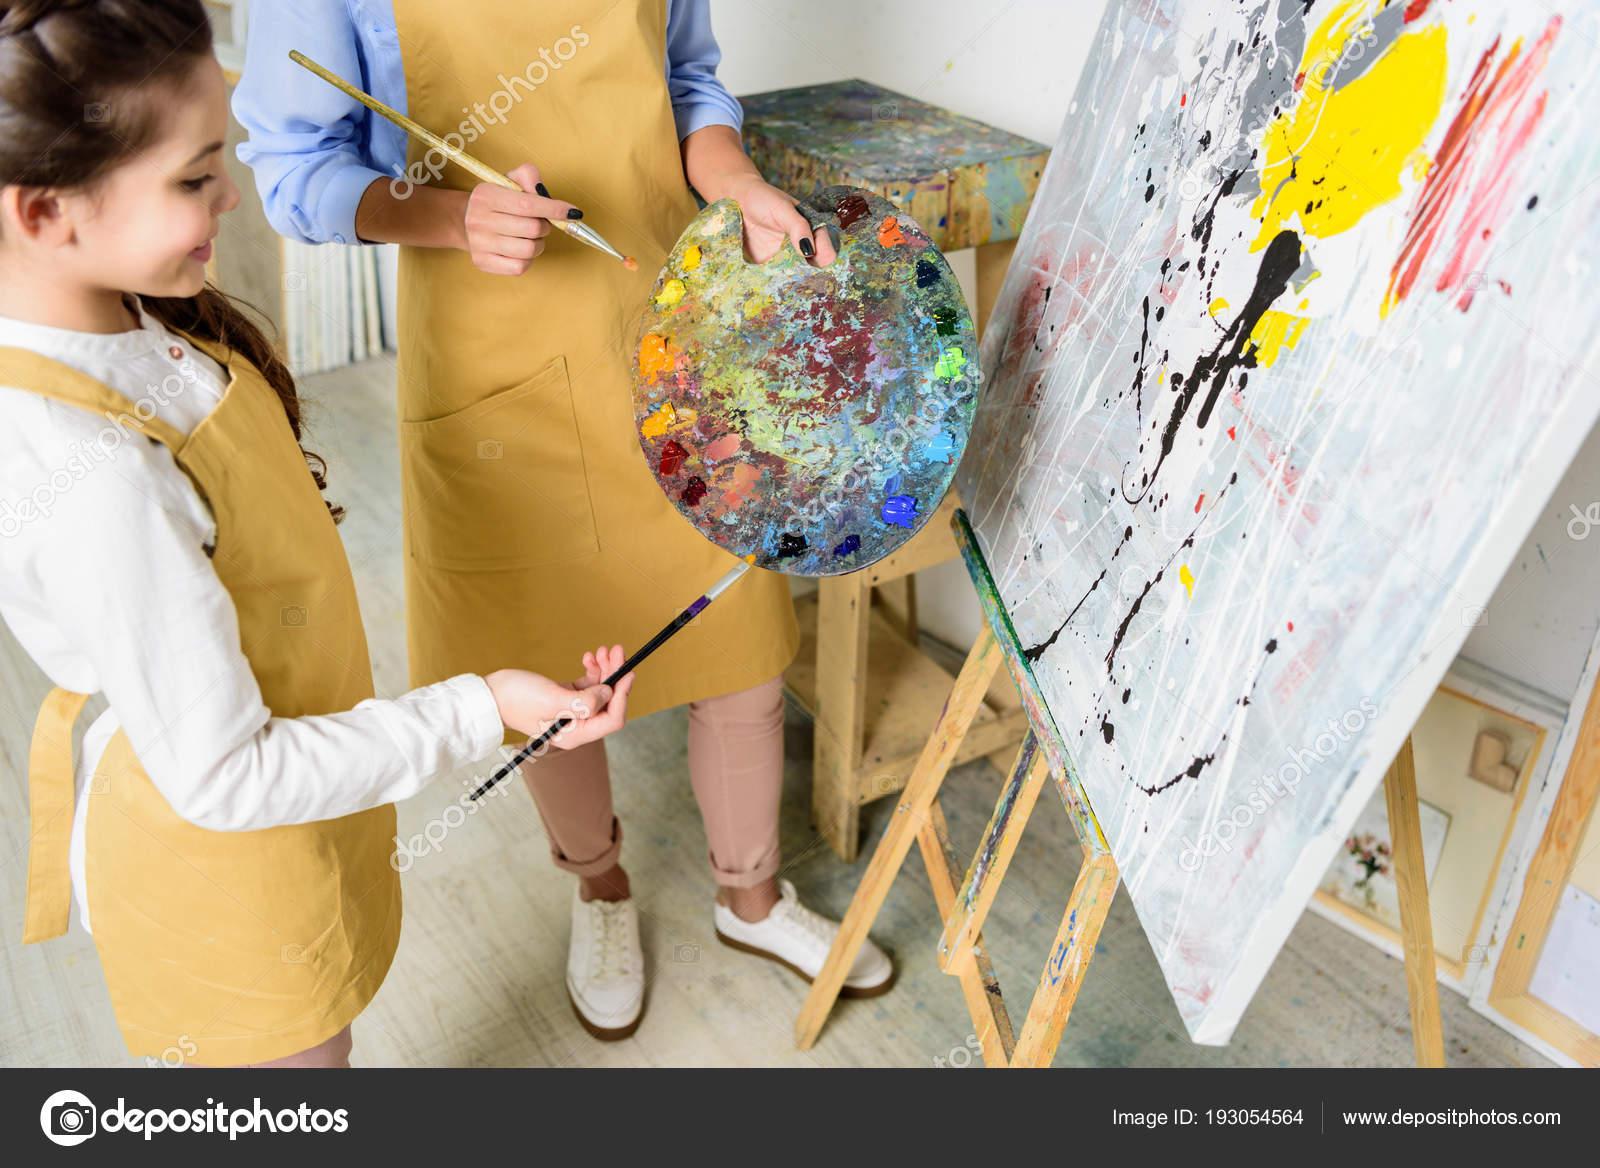 öğretmen öğrenci Sanat Okulu Atölyede Palette Boya Seçimi Görüntü